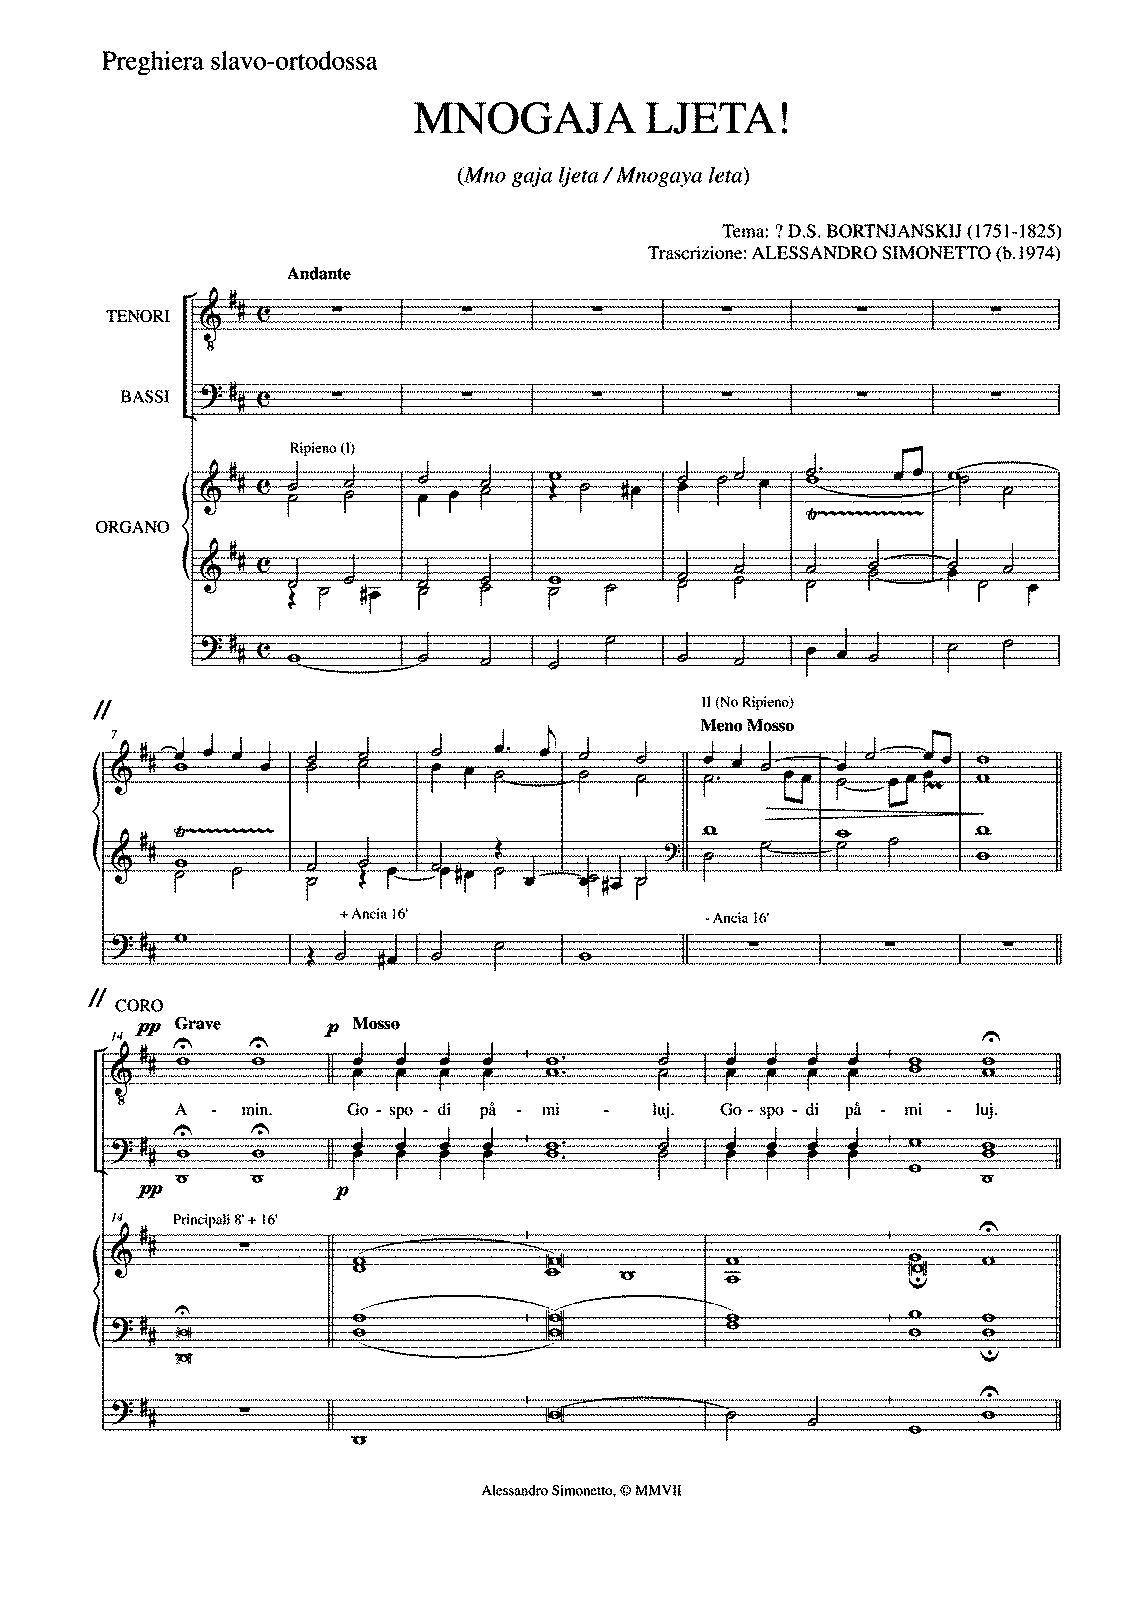 Mno gaja ljeta (Simonetto, Alessandro) - IMSLP/Petrucci Music